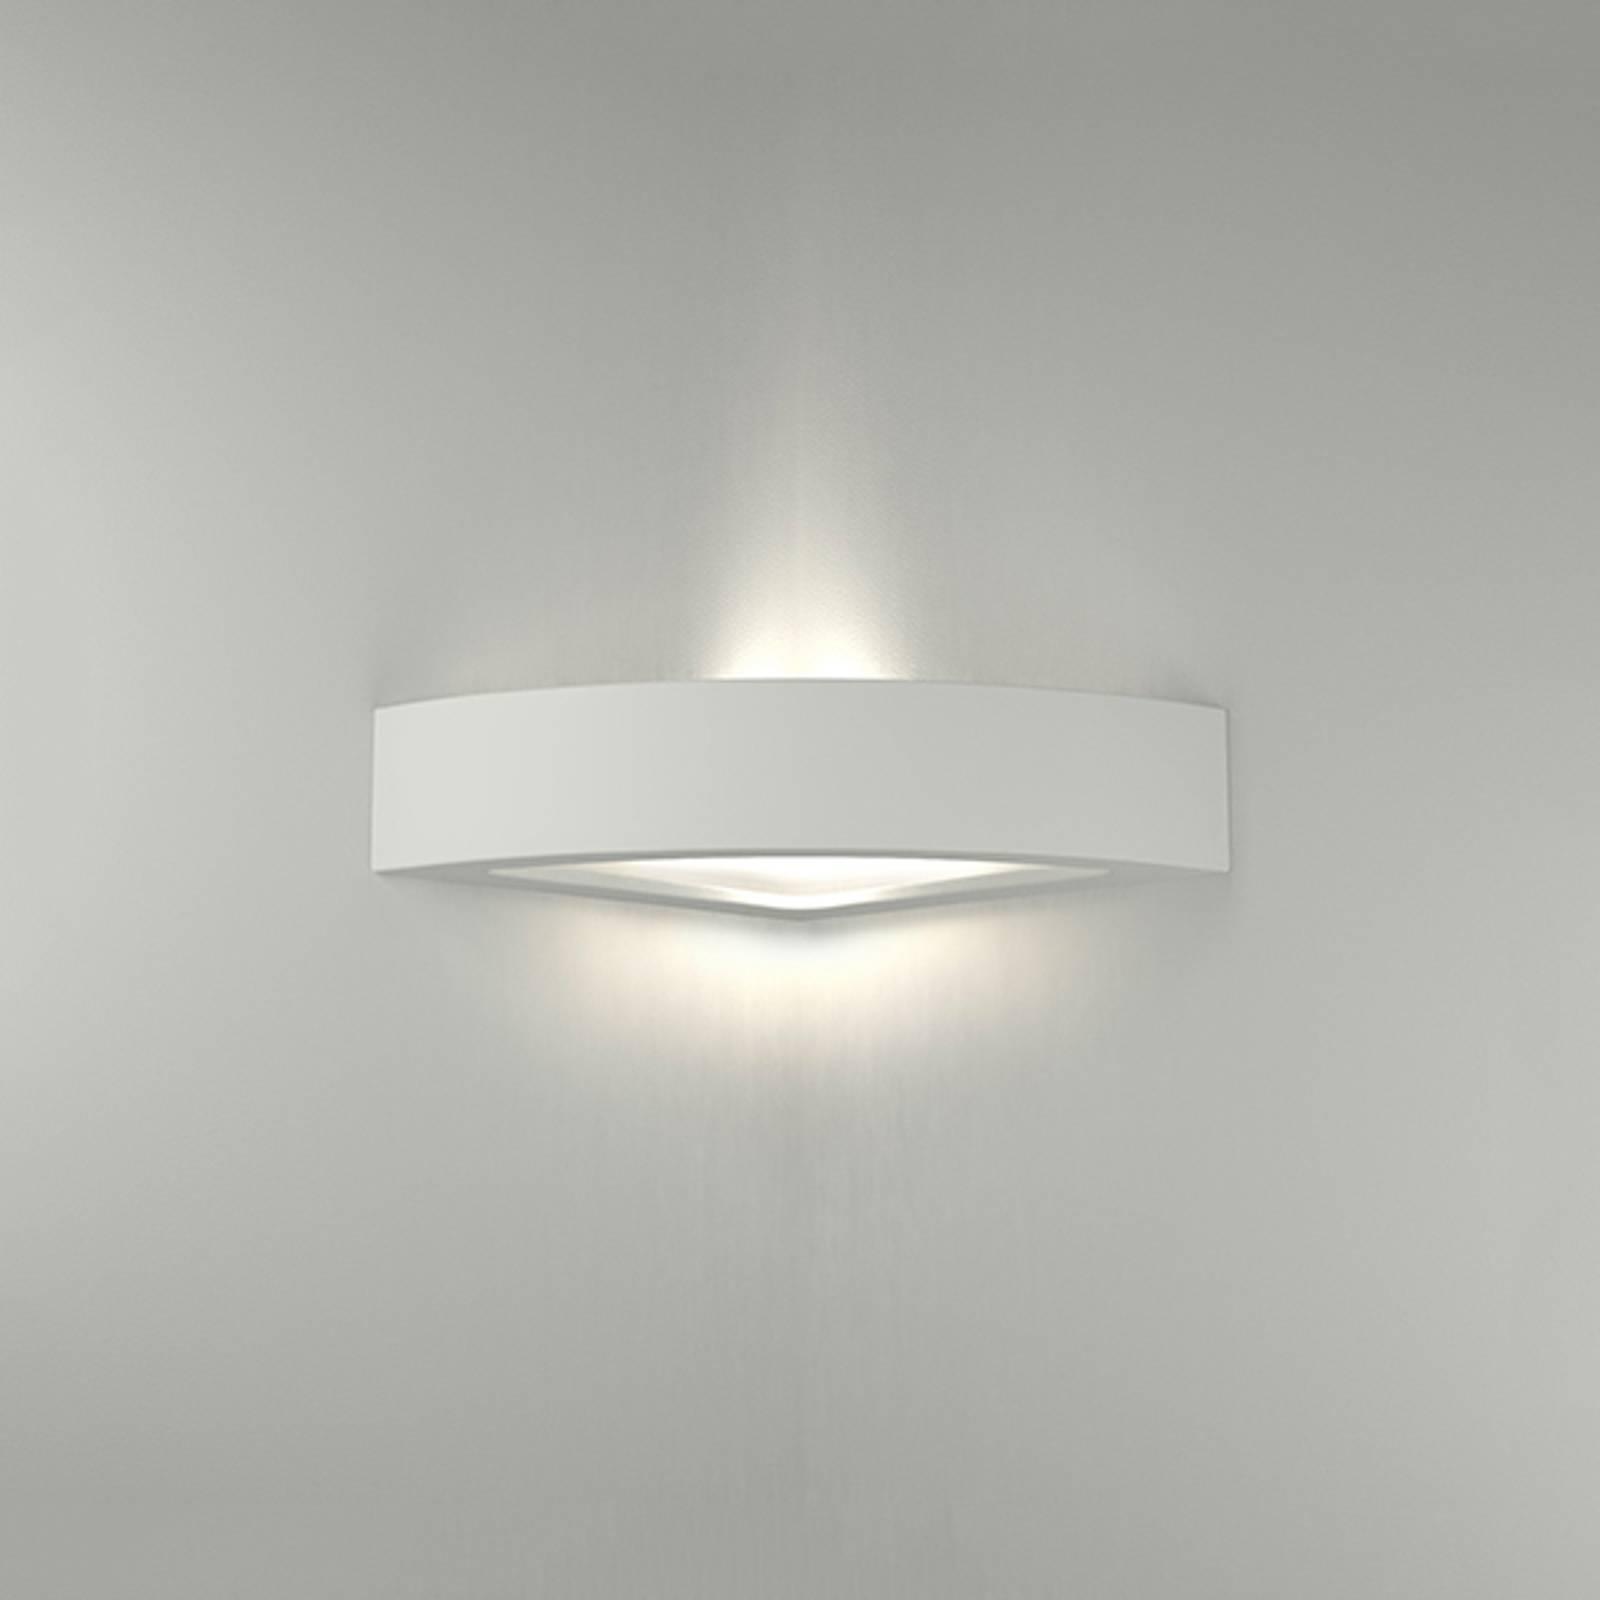 LED-seinävalaisin 8056 kulma-asennus 3000K